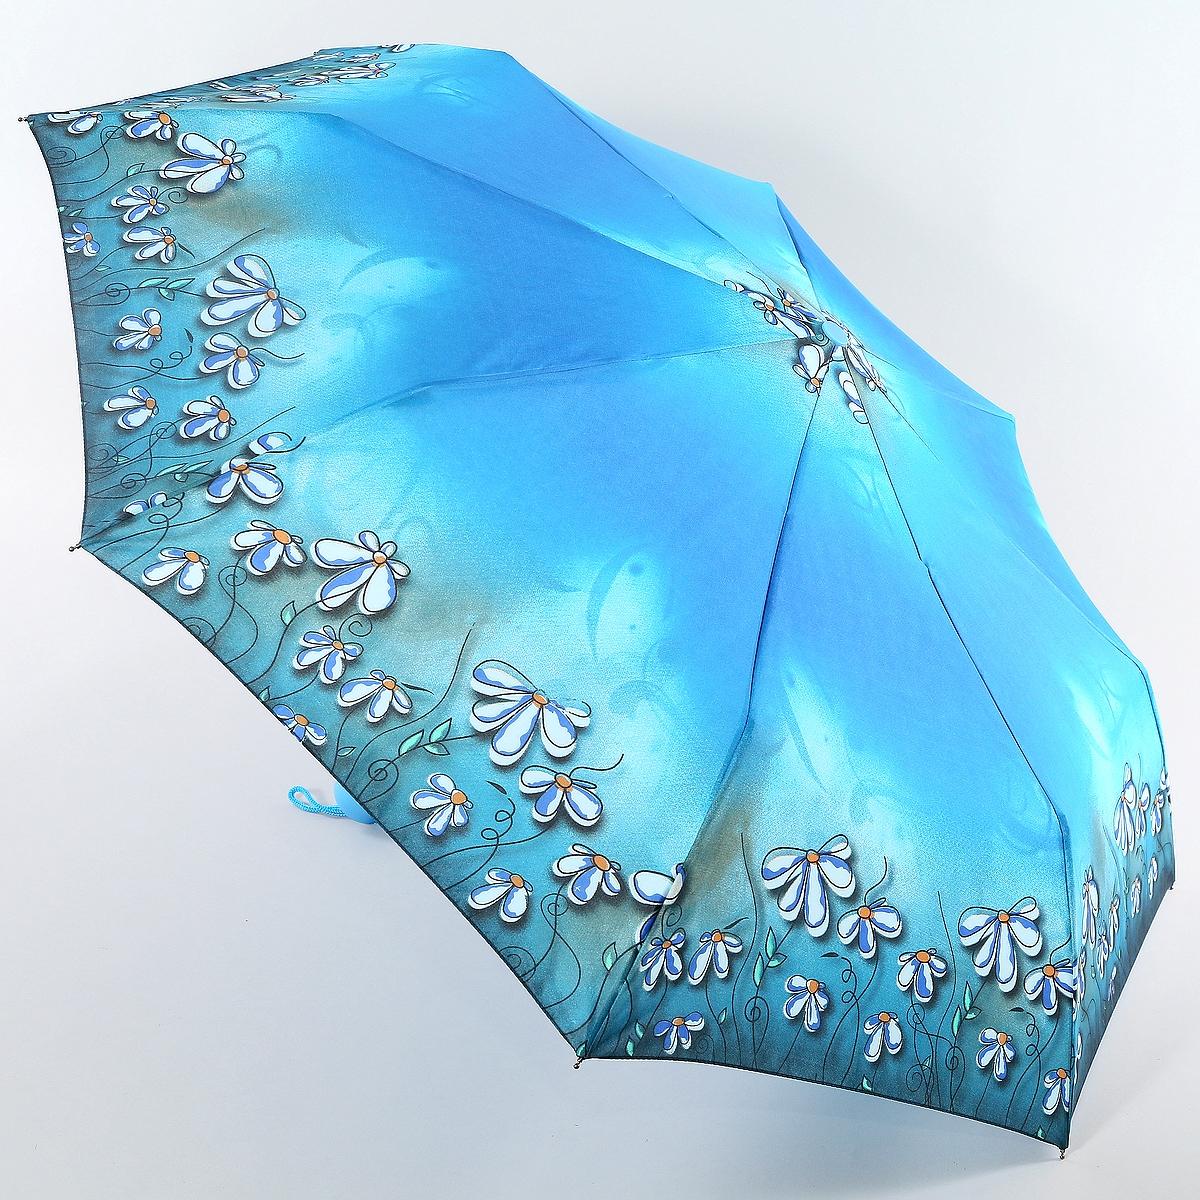 Зонт ArtRain арт.3915-5137, голубой3915-5137Женский зонт 3 сложения, полный автомат открытие и закрытие с кнопки, складывание стержня в ручную. Купол 98см. Такой зонт защитит от непогоды и создаст прекрасное настроение. Яркий цветочный принт. Материал спиц выполнен из прочной стали, купол полиэстер - ткань быстро сохнет, износостойкая, мало мнется, устойчив к воздействию тепла и света, легко стирается и не нуждается в специальном уходе. Зонт будет приятным спутником на прогулках, фотосессиях или прекрасным подарком.